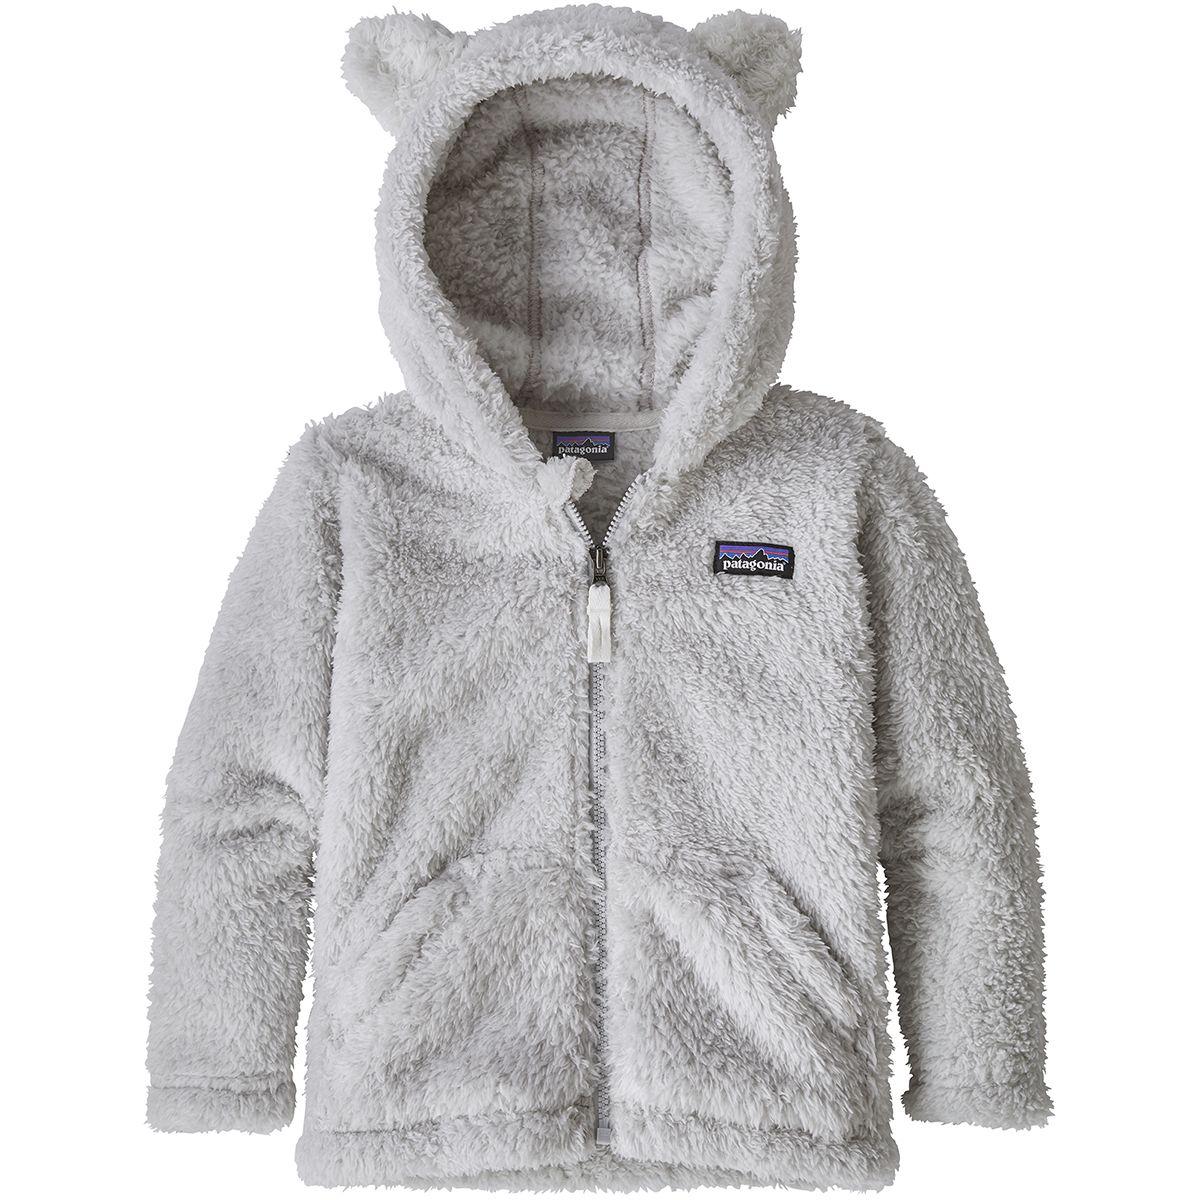 Patagonia Furry Friends Hoody